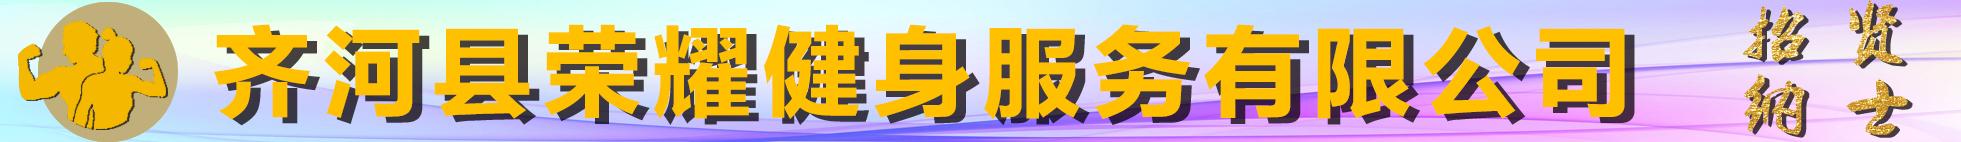 齐河县荣耀健身服务有限公司